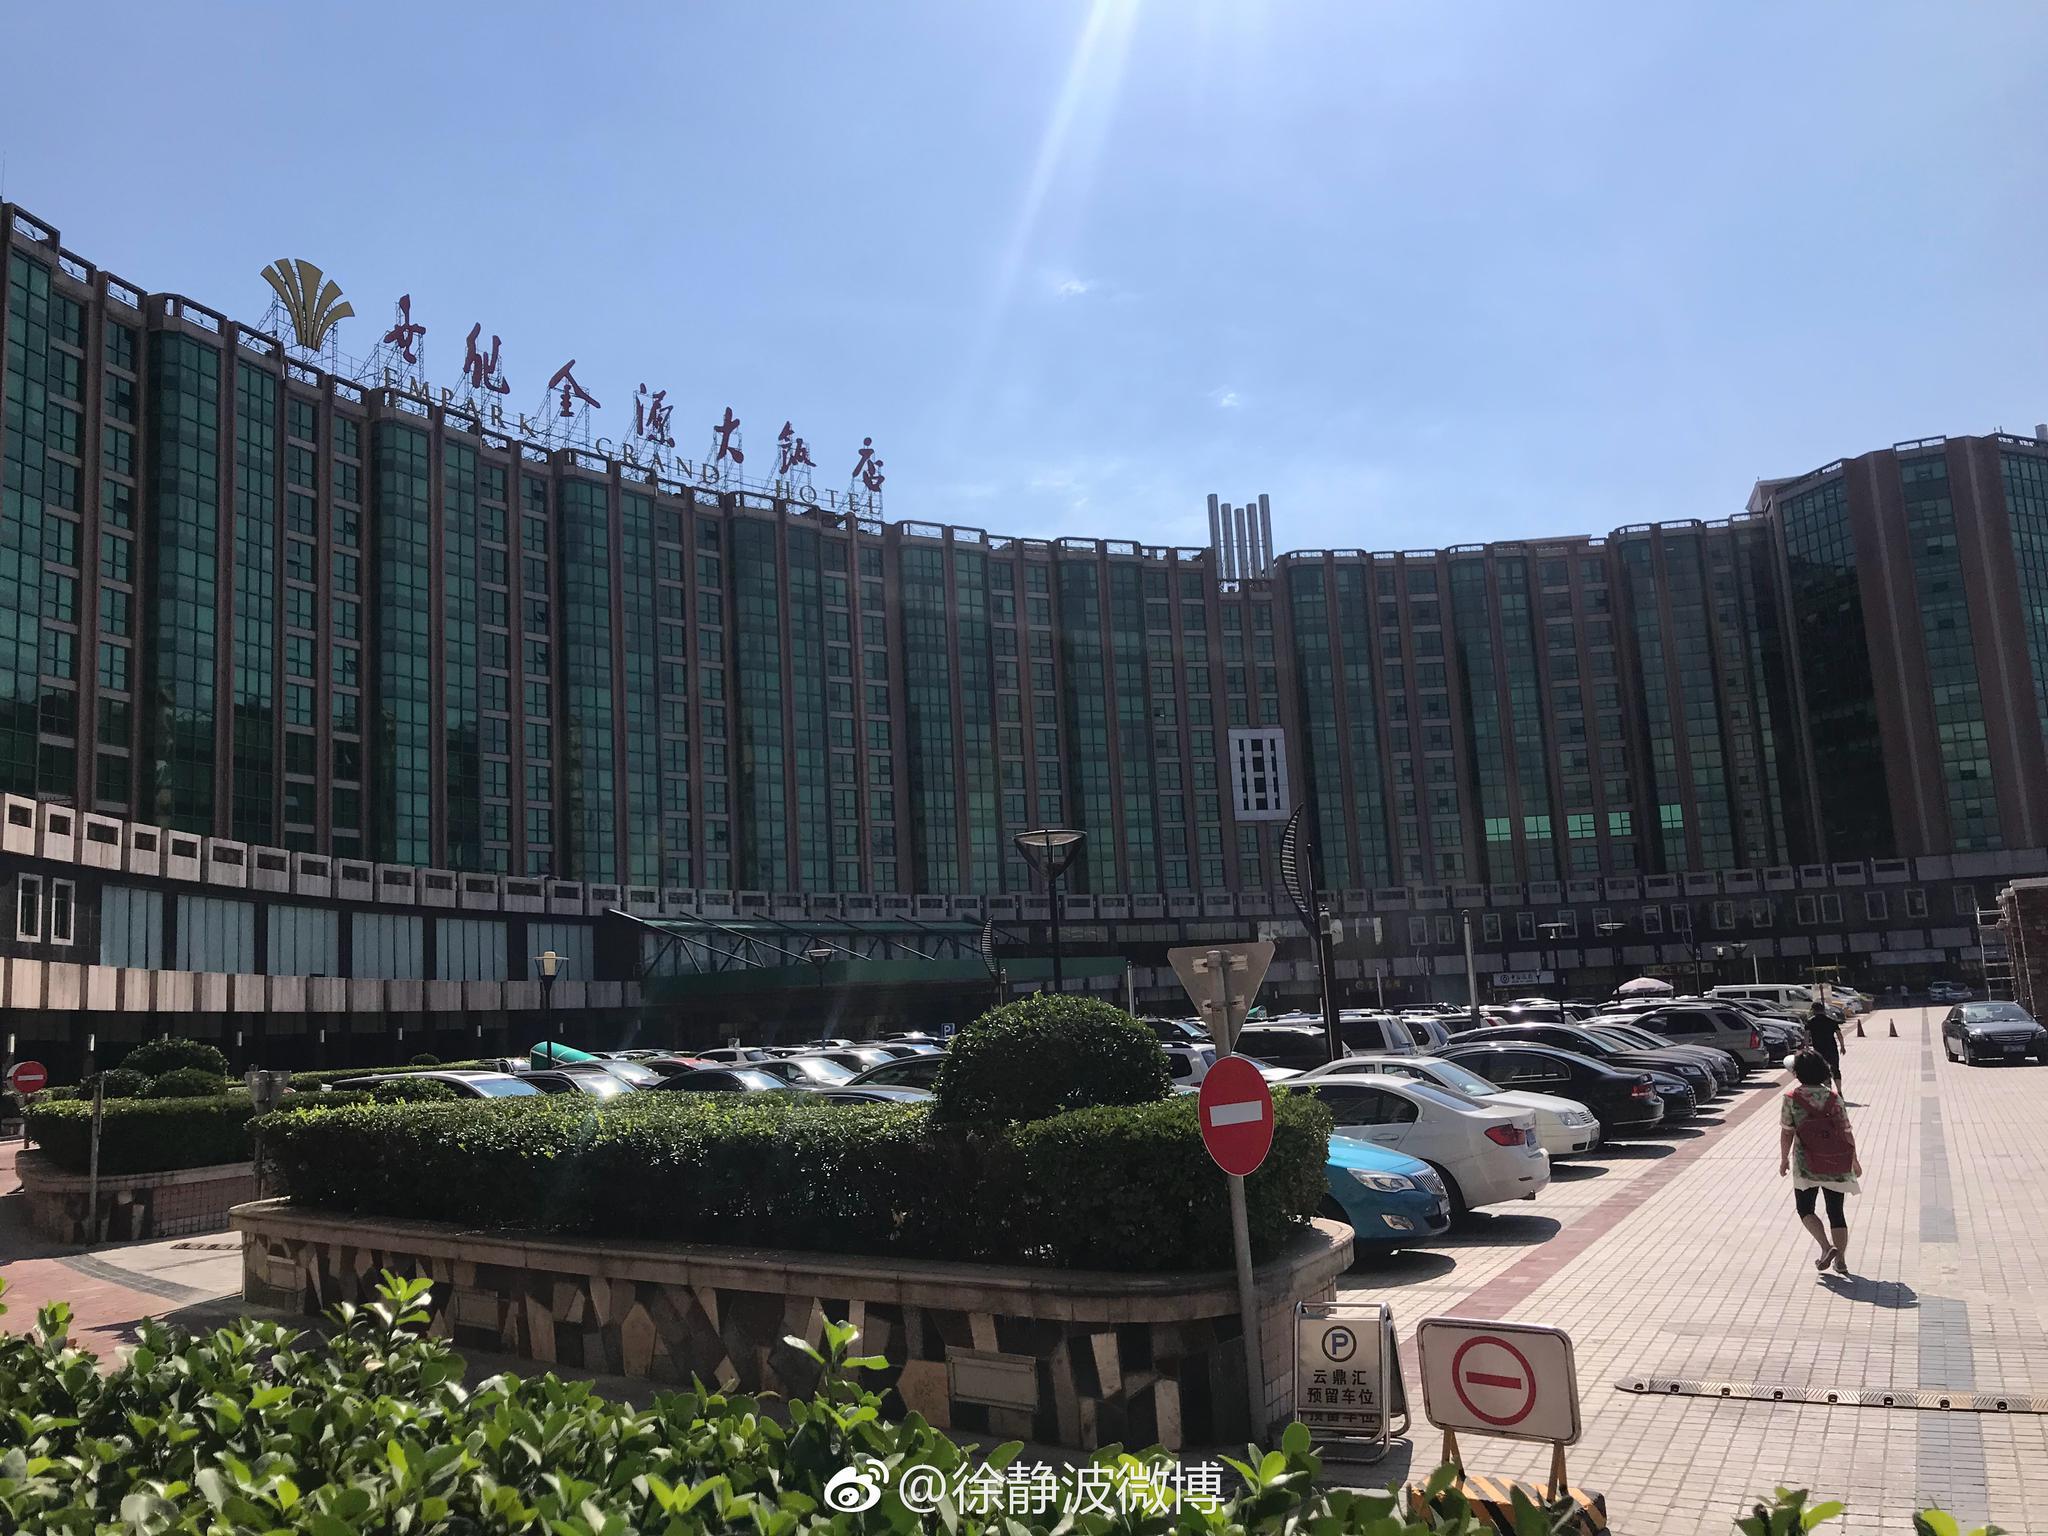 昨夜花了1100元钱入住北京世纪金源大酒店,前台说,给你升级到套房